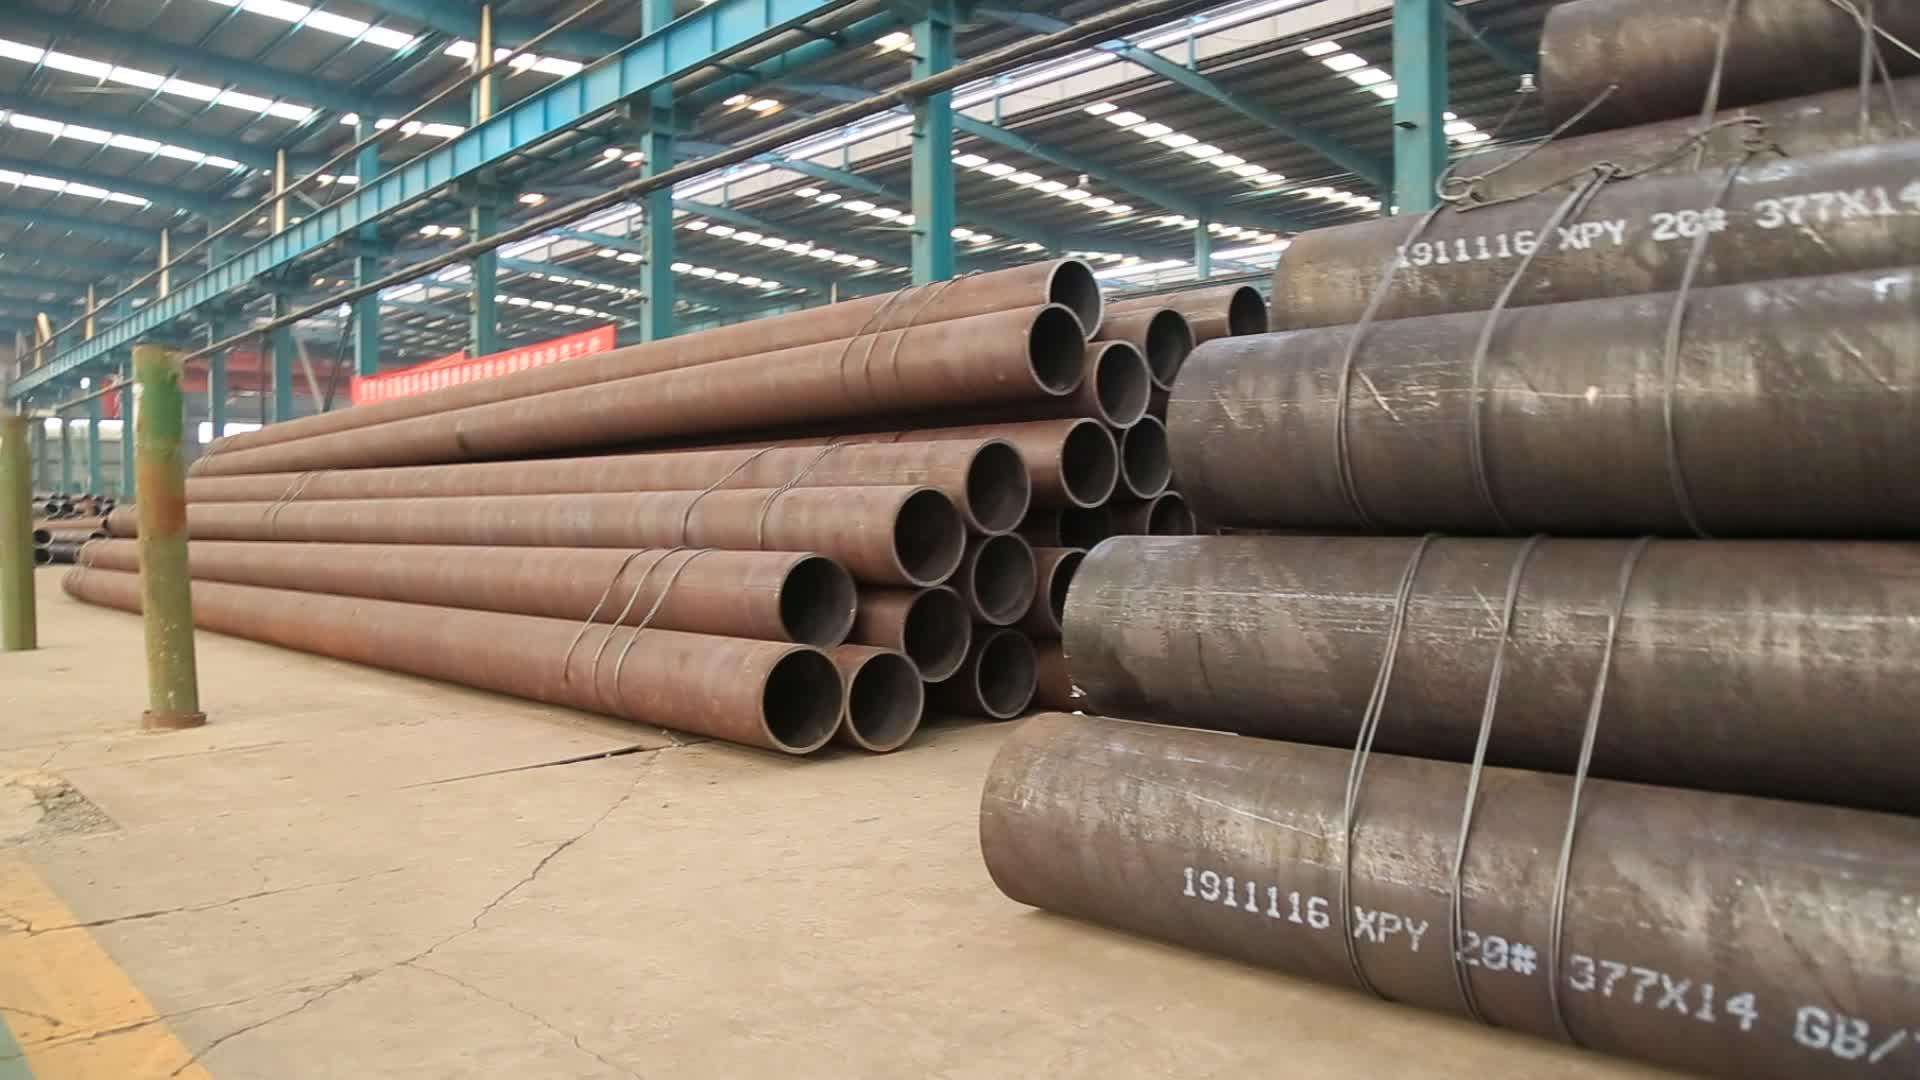 Бесшовные стальные трубы, строительные материалы, бесшовные трубы из углеродистой стали